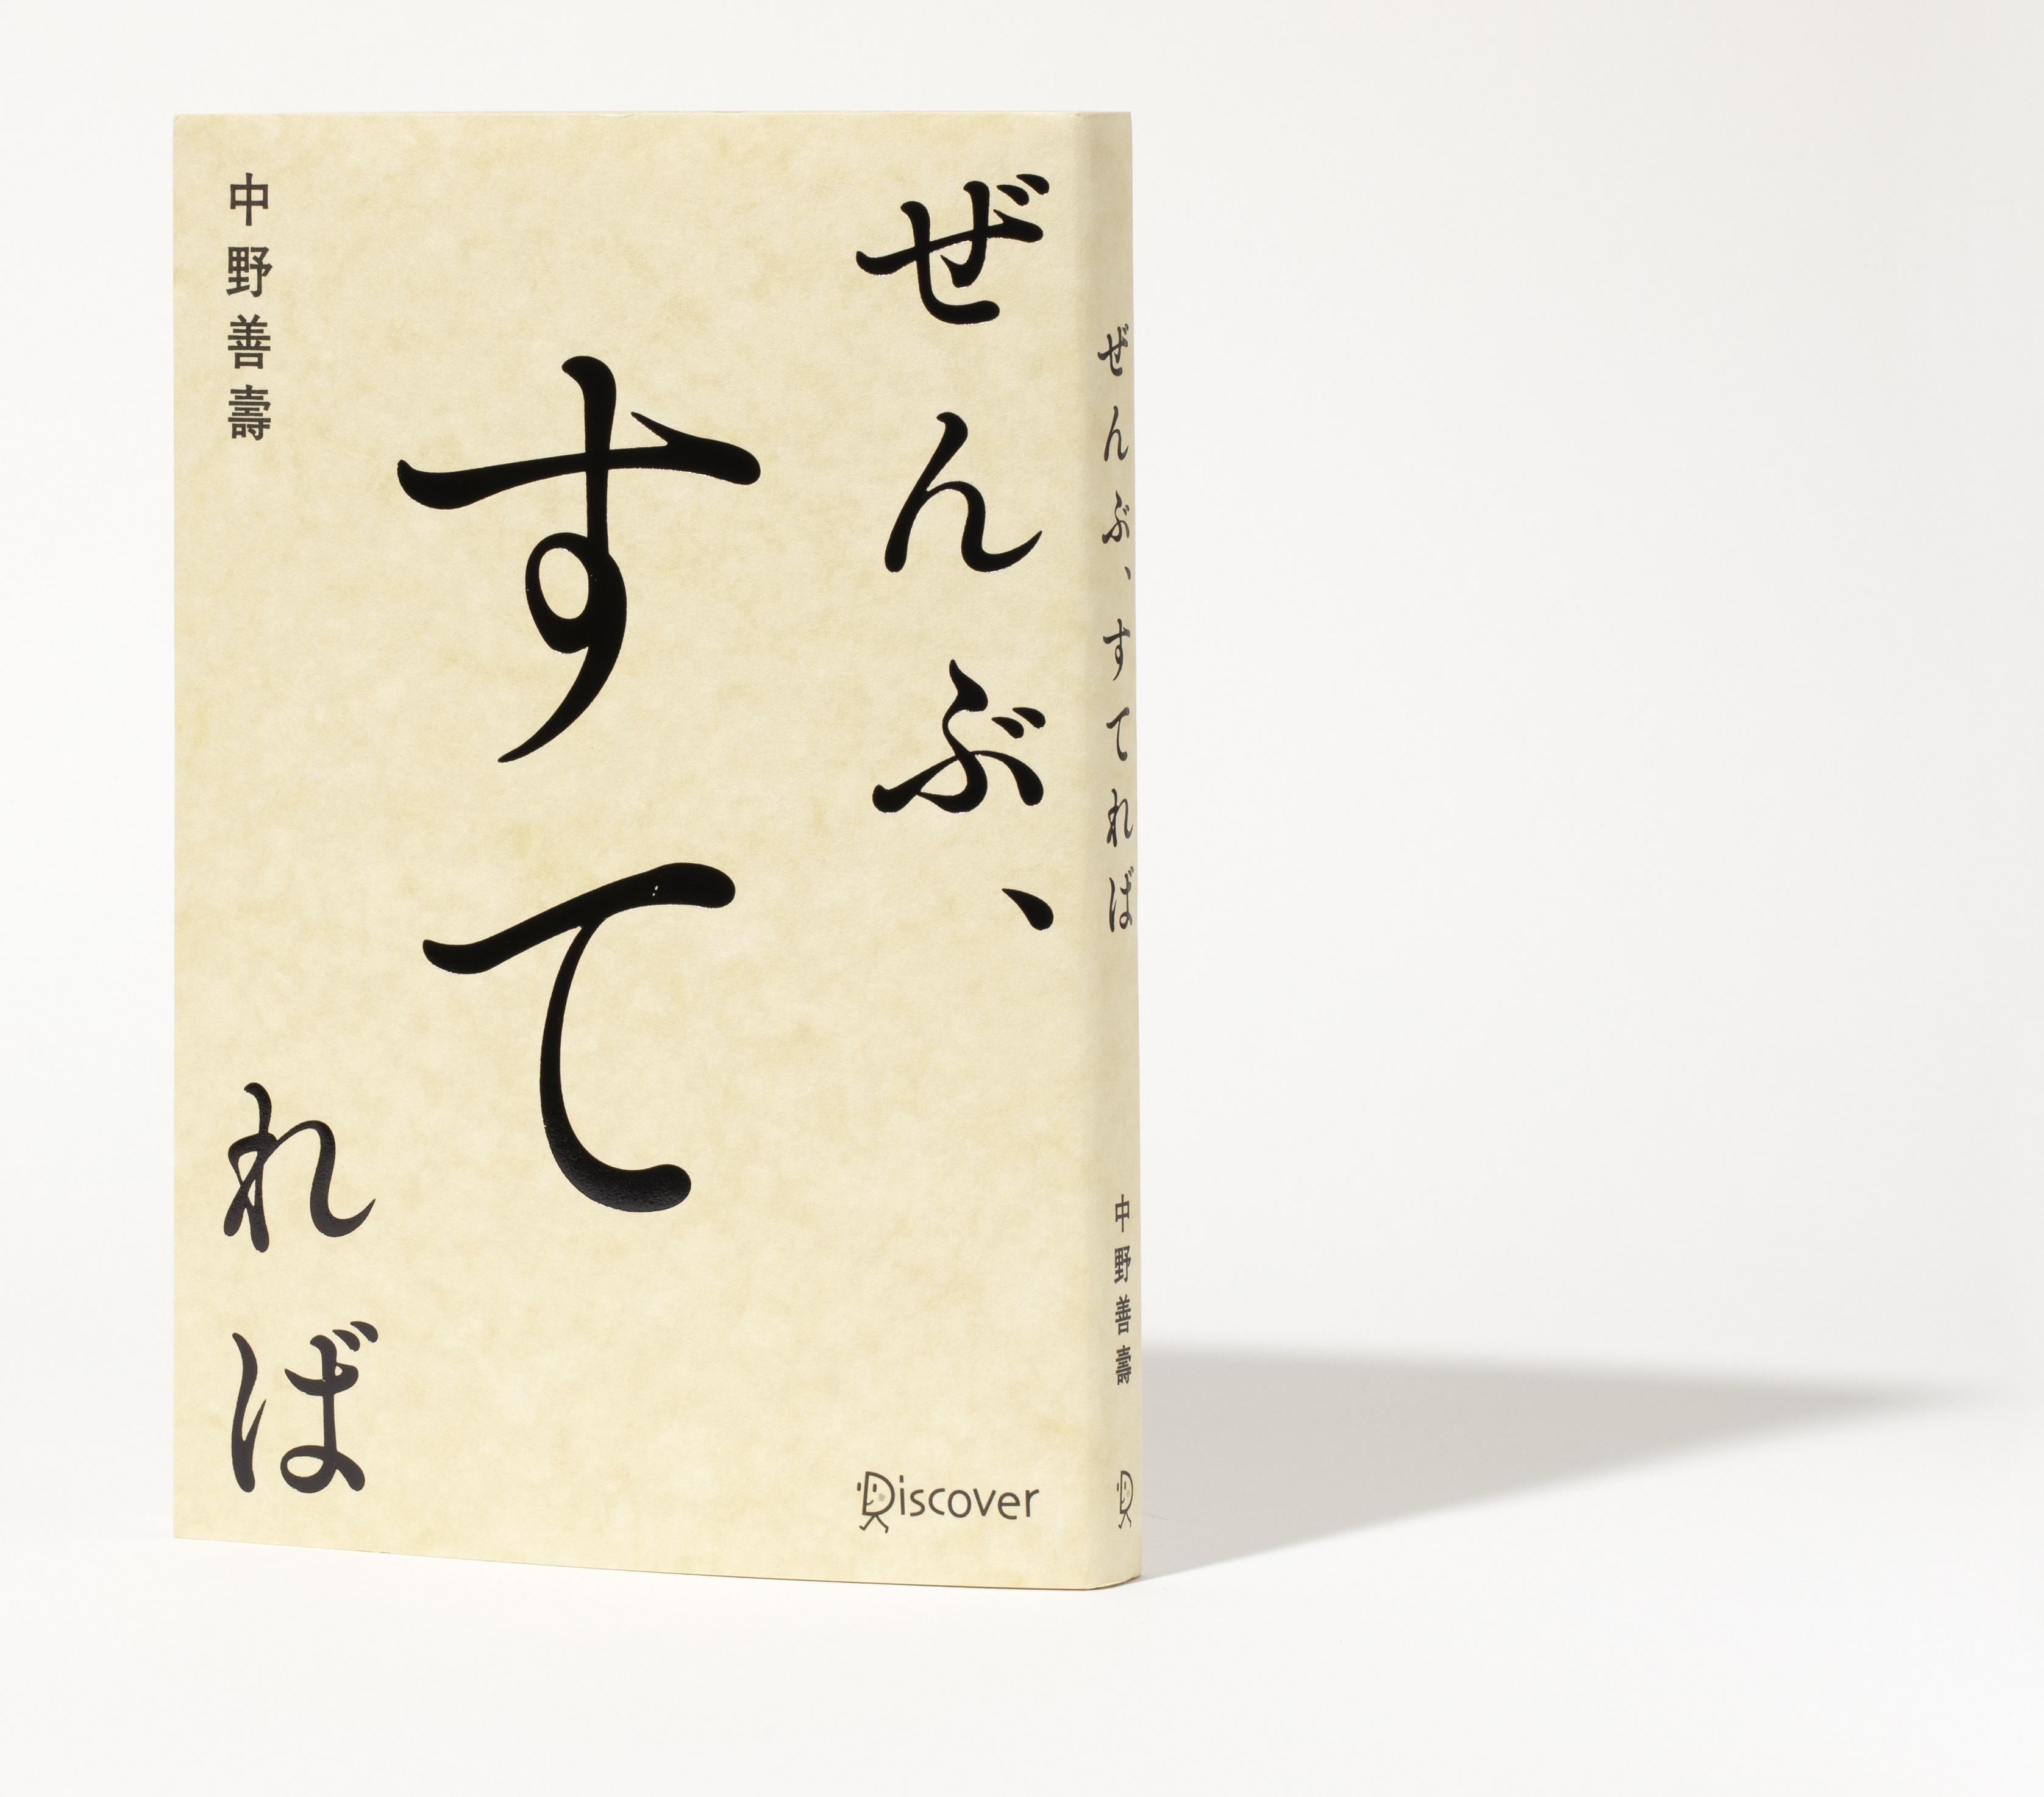 【BOOK #01】地に足をつけ、本質を見つめたい今のための、ふたつのアプローチ_1_3